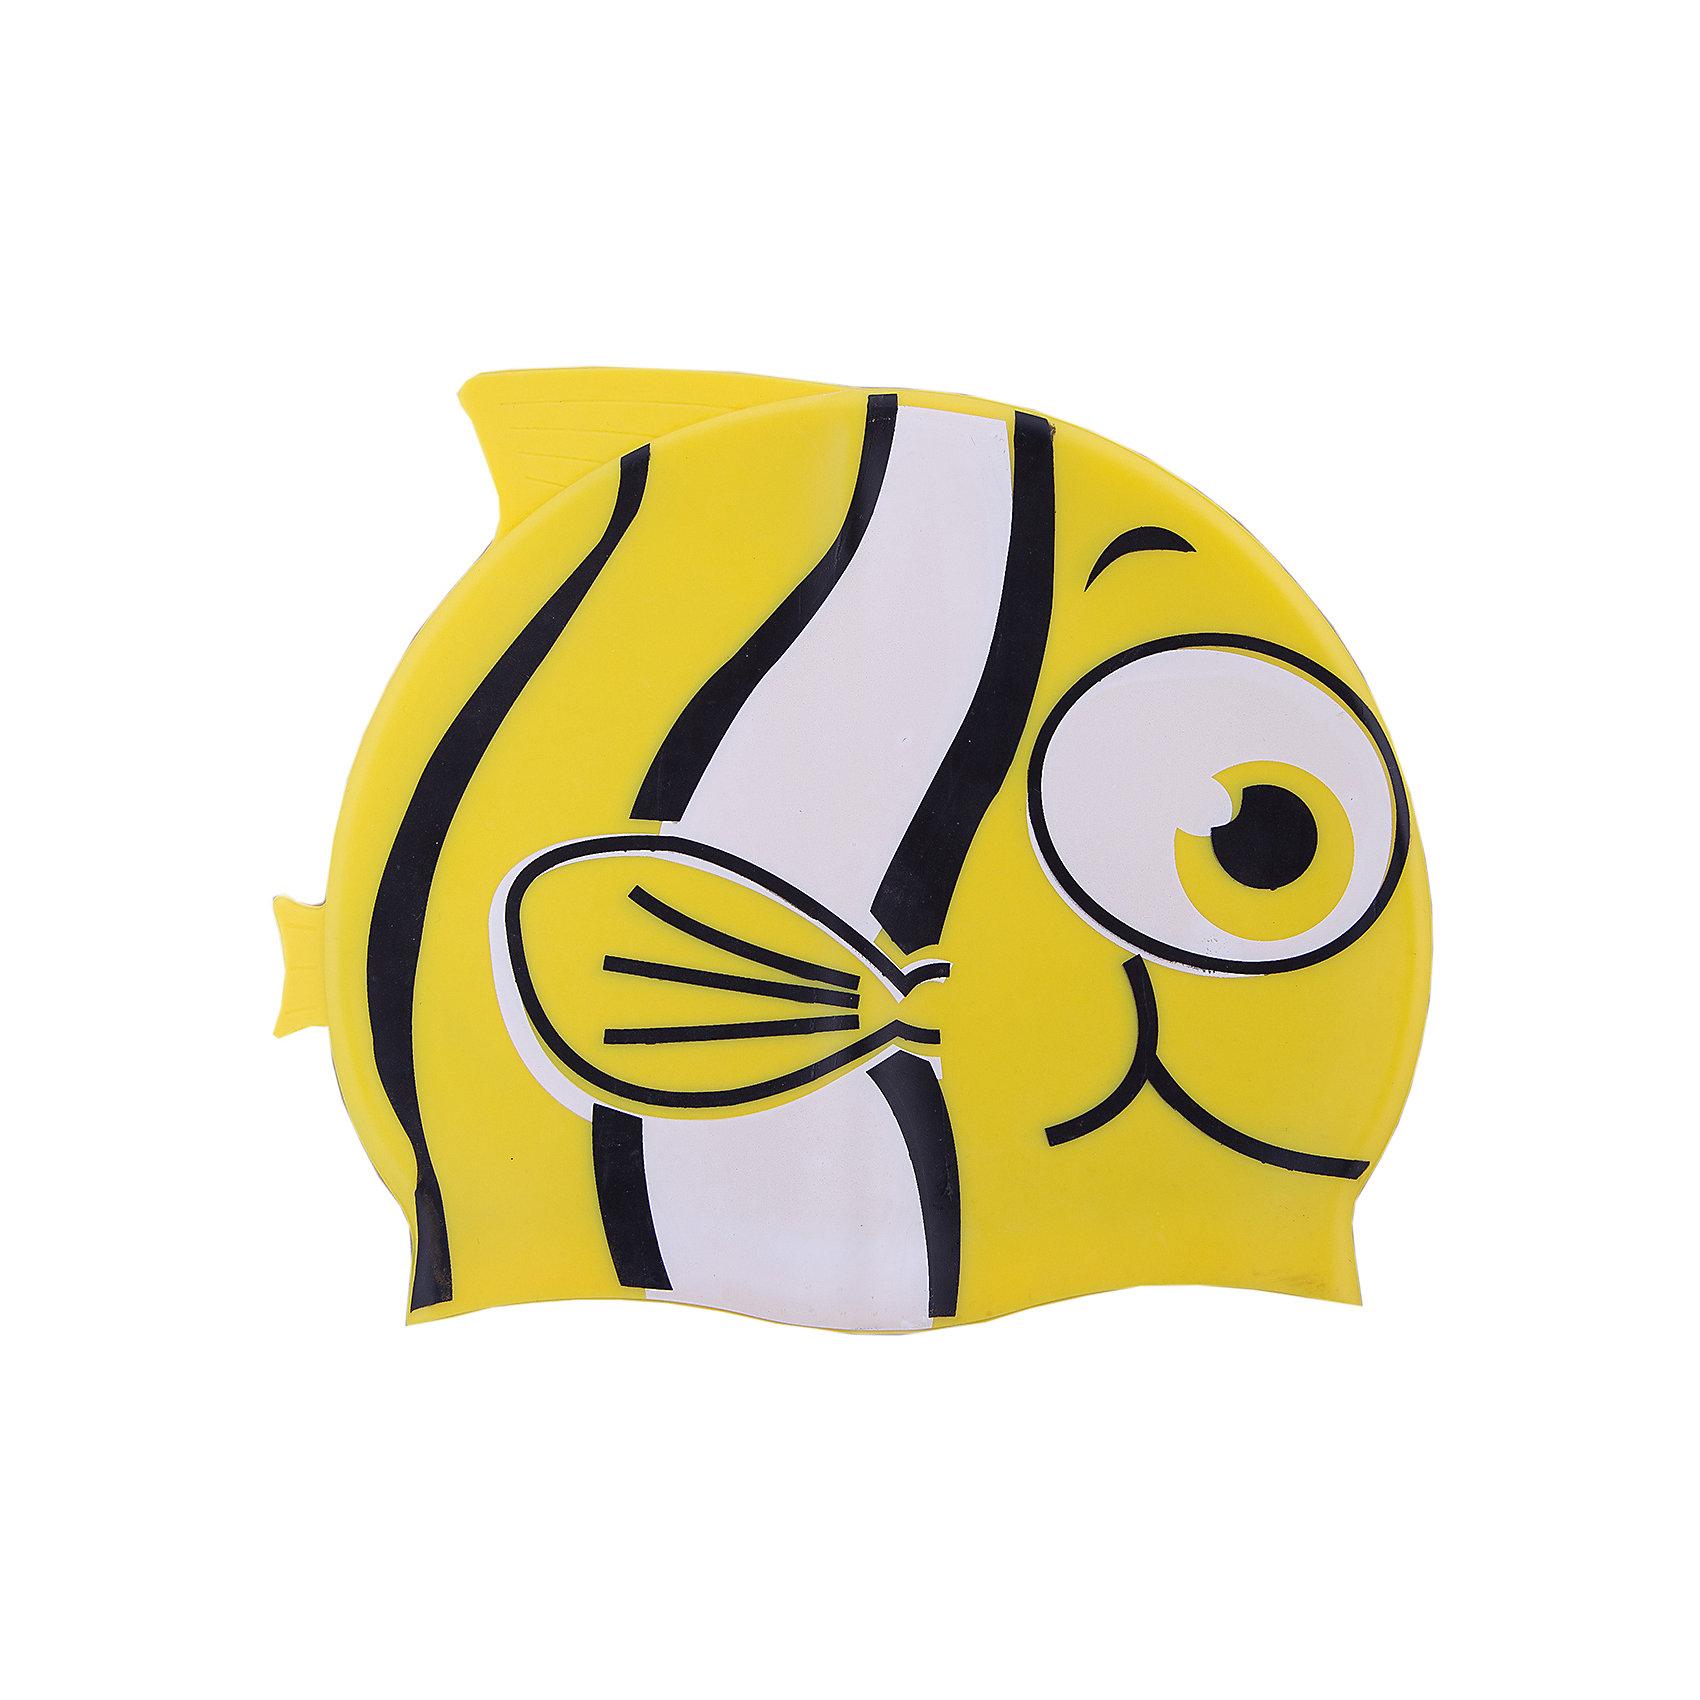 Шапочка для плавания силиконовая Рыбка, желтая, DobestОчки, маски, ласты, шапочки<br>Характеристики товара:<br><br>• материал: 100% силикон<br>• размер: универсальный<br>• страна-производитель: Китай <br>• упаковка: zip система с европодвесом<br><br>Защищает волосы от хлорированной воды и помогает избежать массу неудобств во время посещения бассейна. <br><br>Благодаря своей эластичности, шапочка удобно и плотно облегает голову, сохраняя волосы относительно сухими, подходит к любому размеру головы. <br><br>Ее легко одевать и снимать, так как она очень хорошо растягивается. <br><br>Силикон не вызывает аллергии и очень прост в уходе — после купания в бассейне шапочку достаточно просто прополоскать в пресной воде и высушить.<br><br>Шапочка для плавания силиконовая Рыбка можно купить в нашем интернет-магазине.<br><br>Ширина мм: 125<br>Глубина мм: 210<br>Высота мм: 10<br>Вес г: 65<br>Возраст от месяцев: 36<br>Возраст до месяцев: 2147483647<br>Пол: Унисекс<br>Возраст: Детский<br>SKU: 5574460